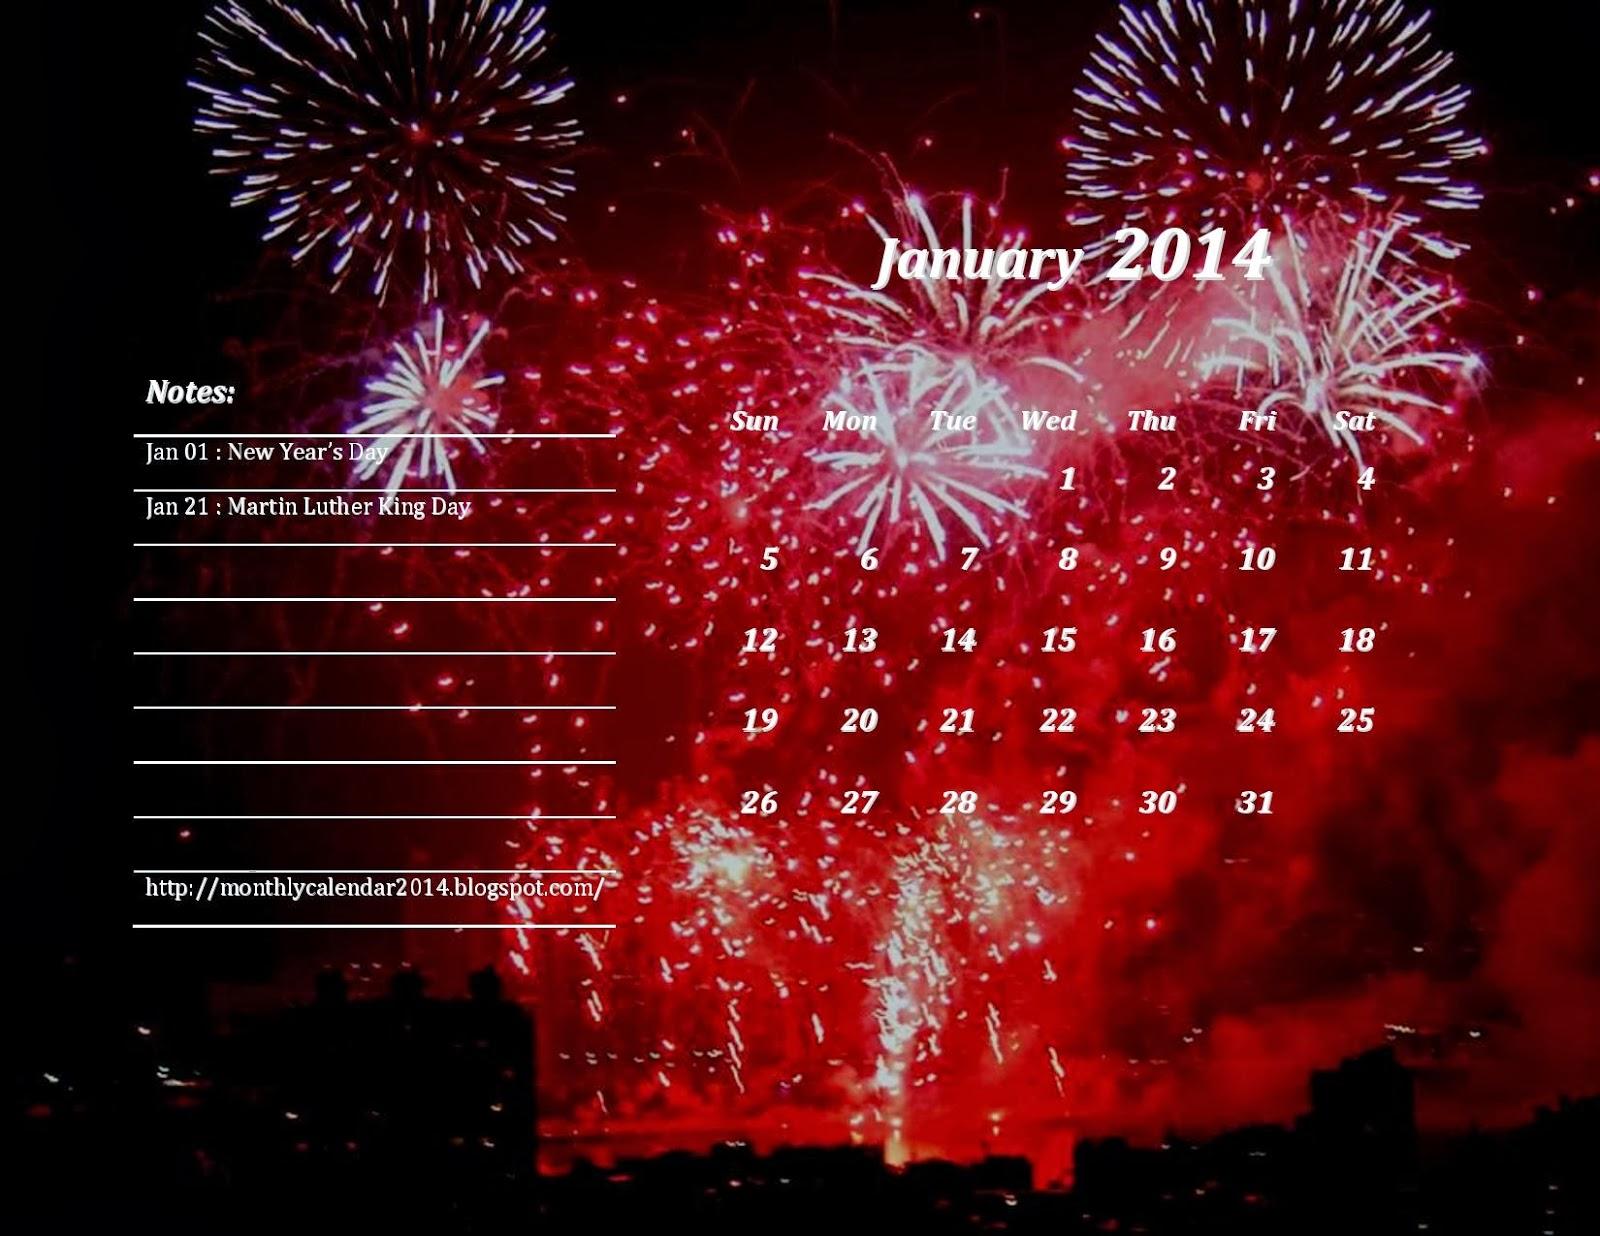 january 2014 calendar happy new year happy holiday 2014